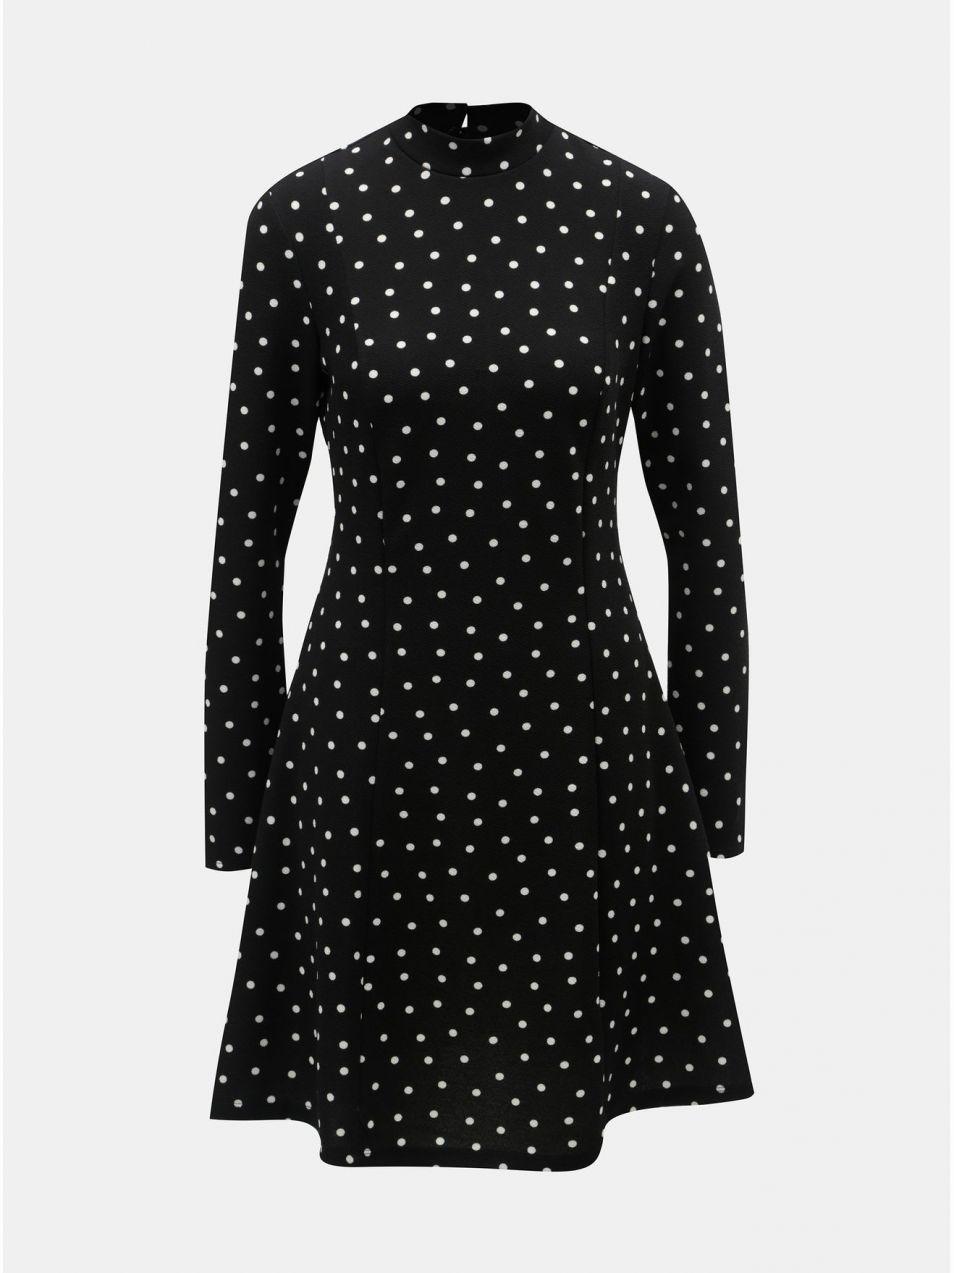 59aa1c6c57dd Čierne bodkované šaty so stojačikom Dorothy Perkins značky Dorothy ...